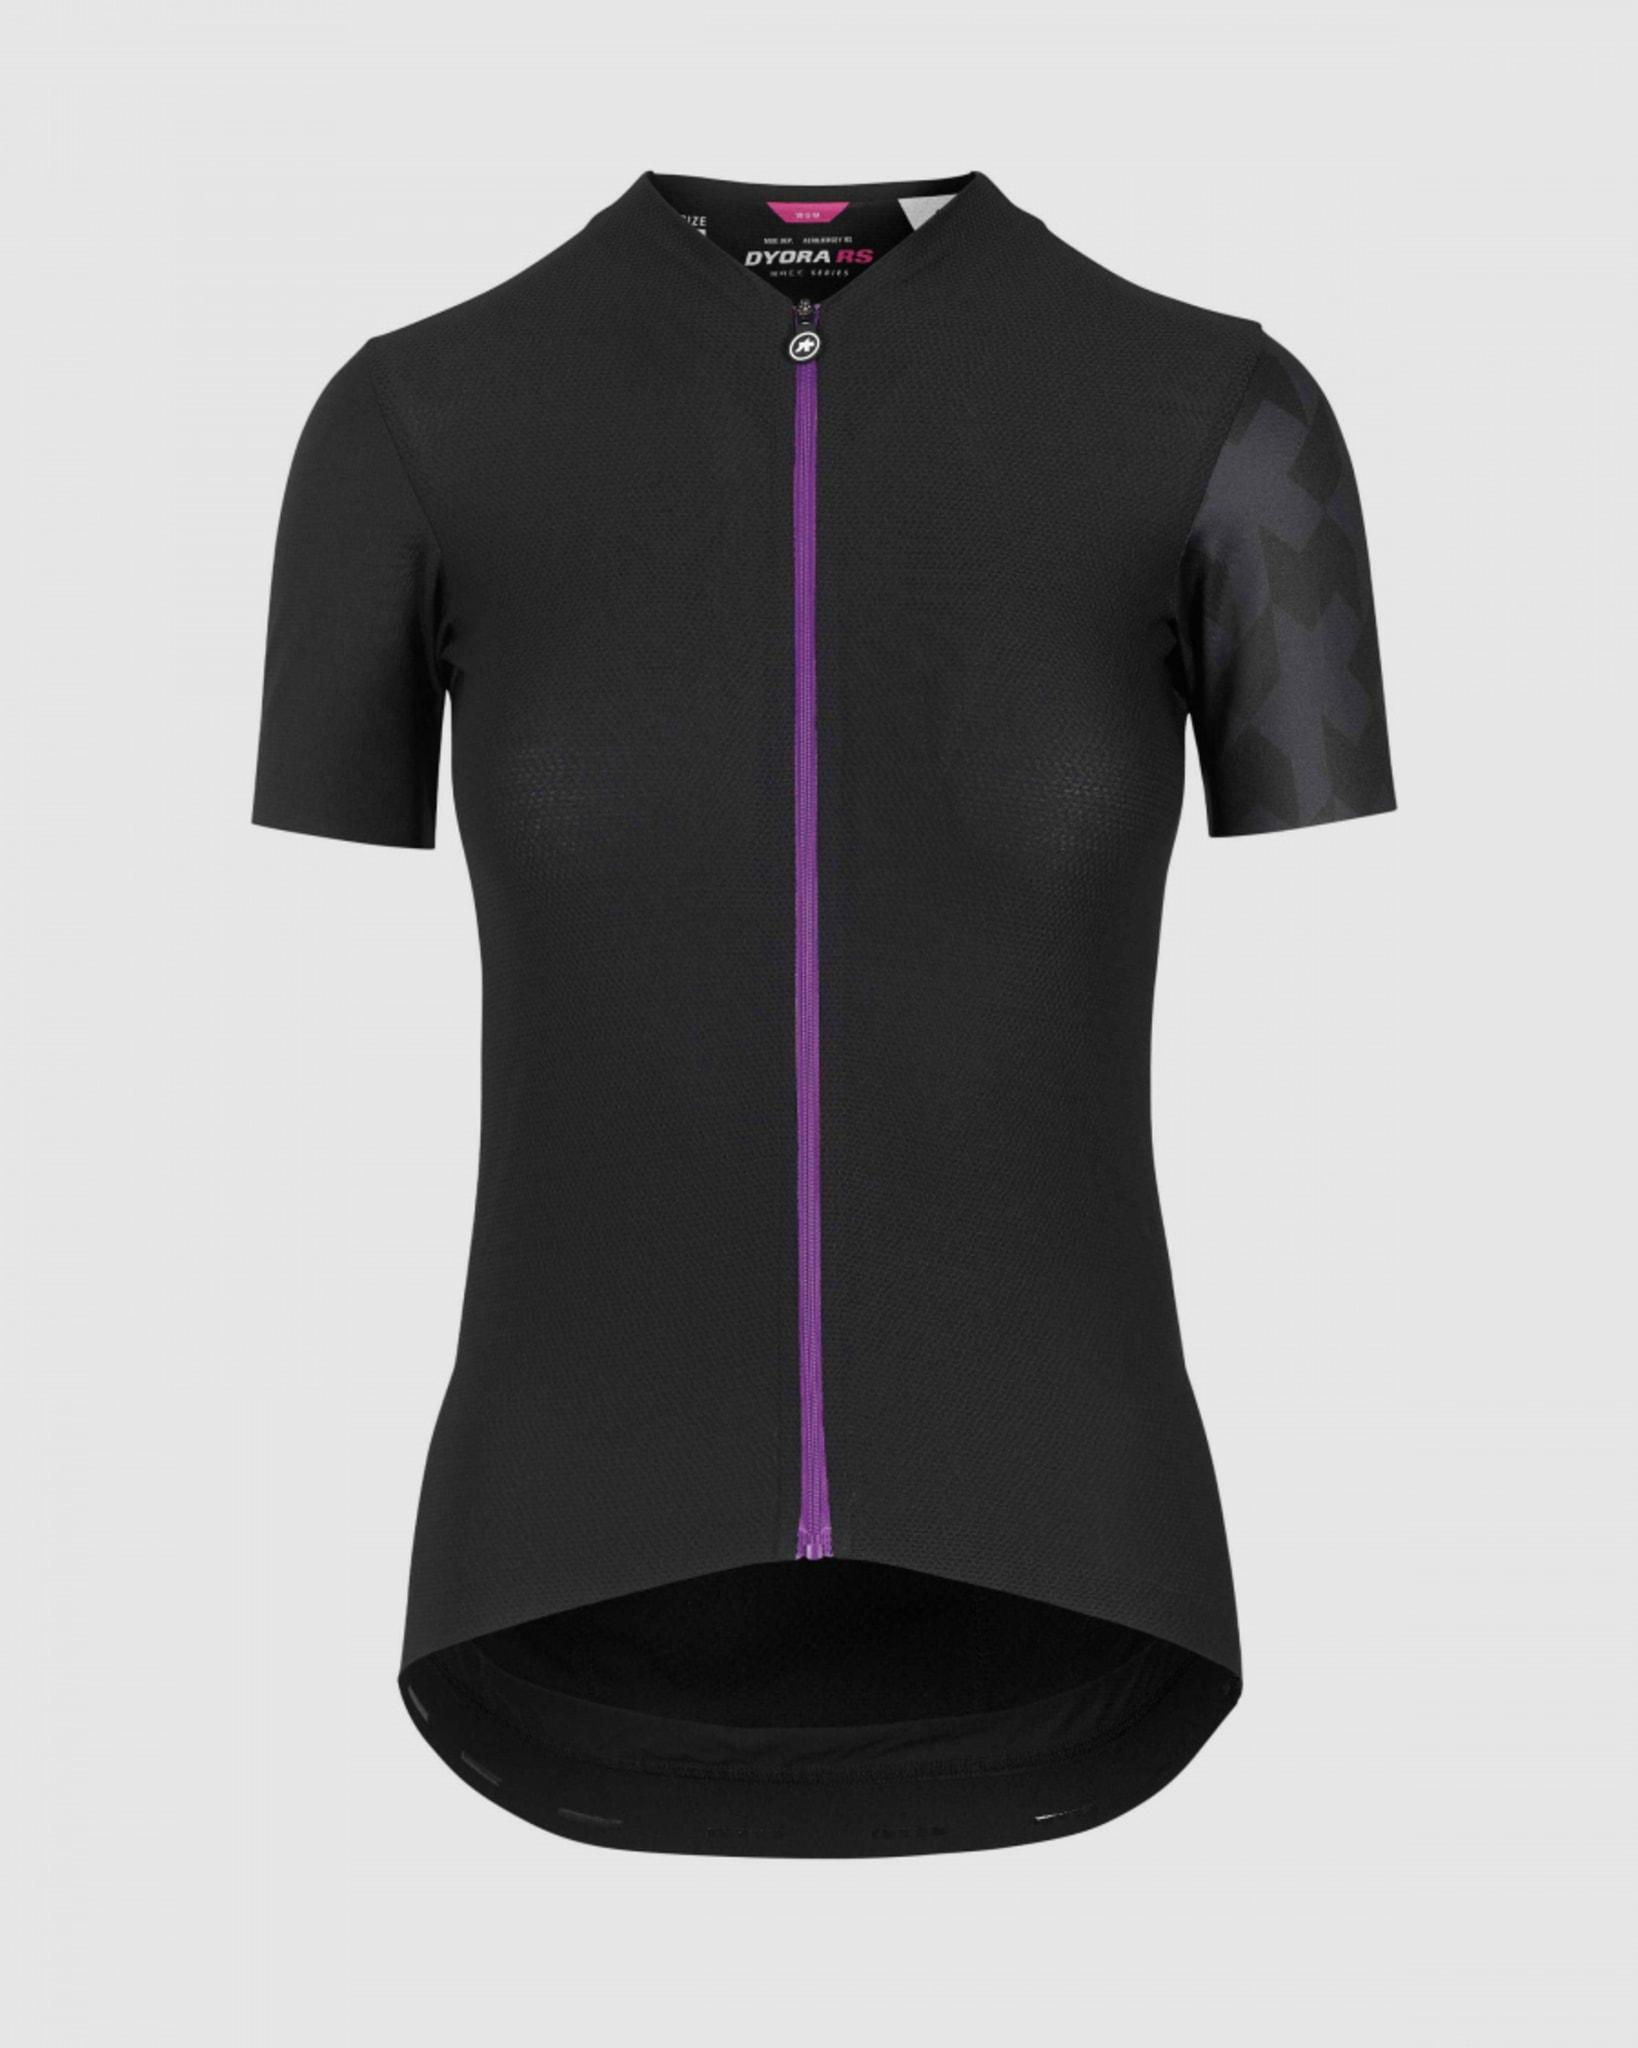 Lett og aerodynamisk trøye for både trening og racing!